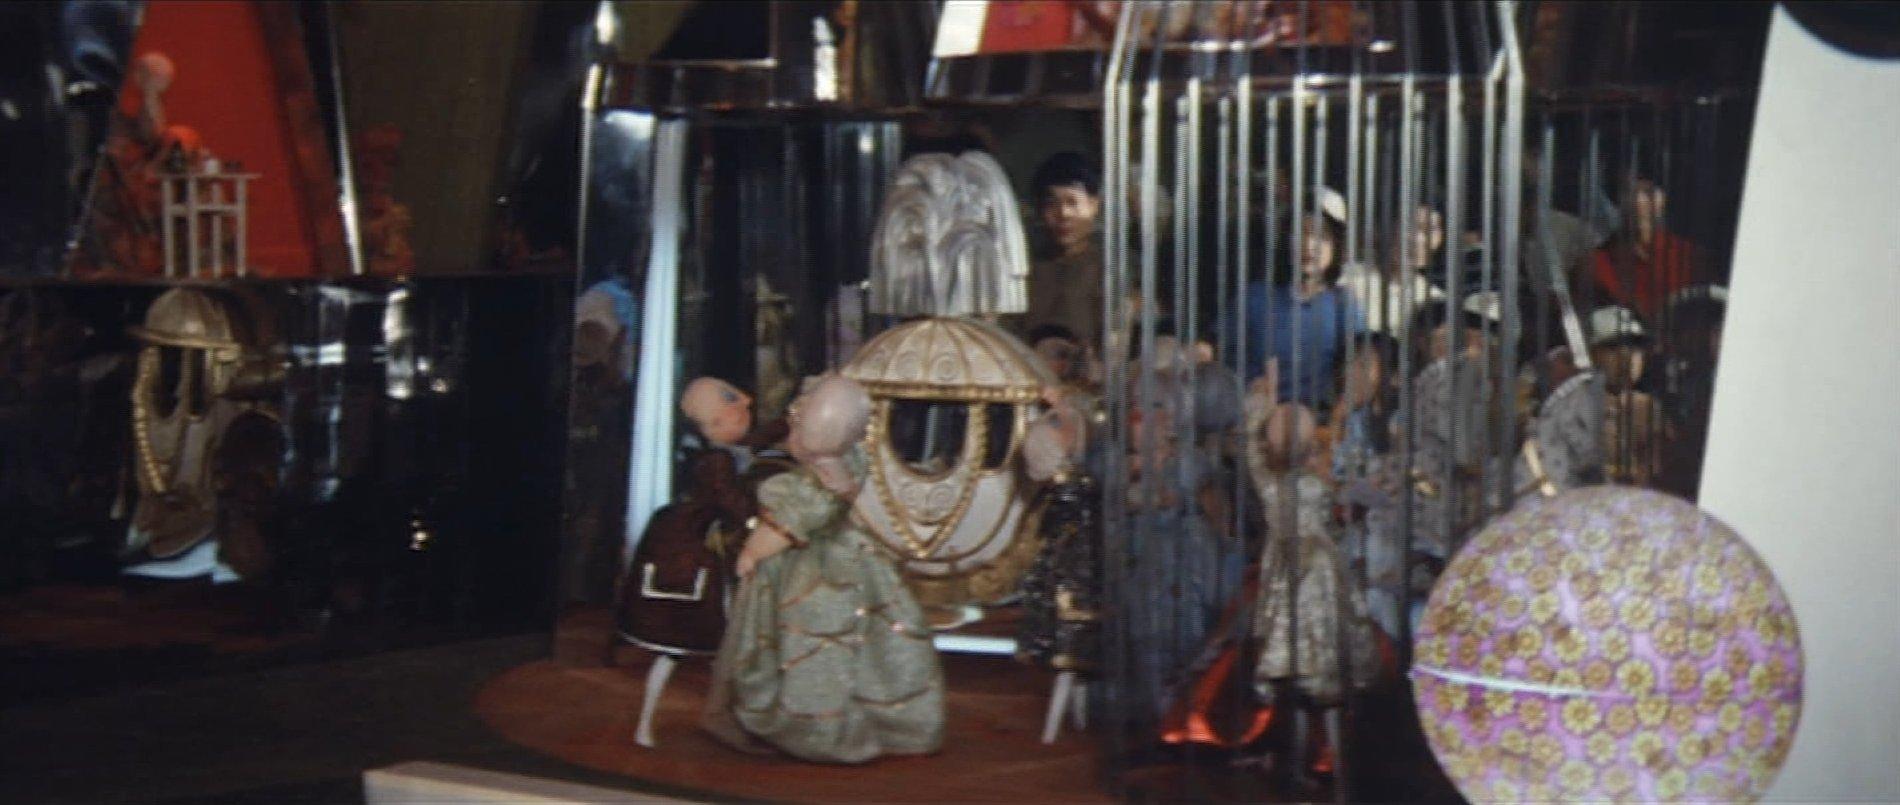 『公式長編記録映画 日本万国博覧会』より 住友童話館 内部